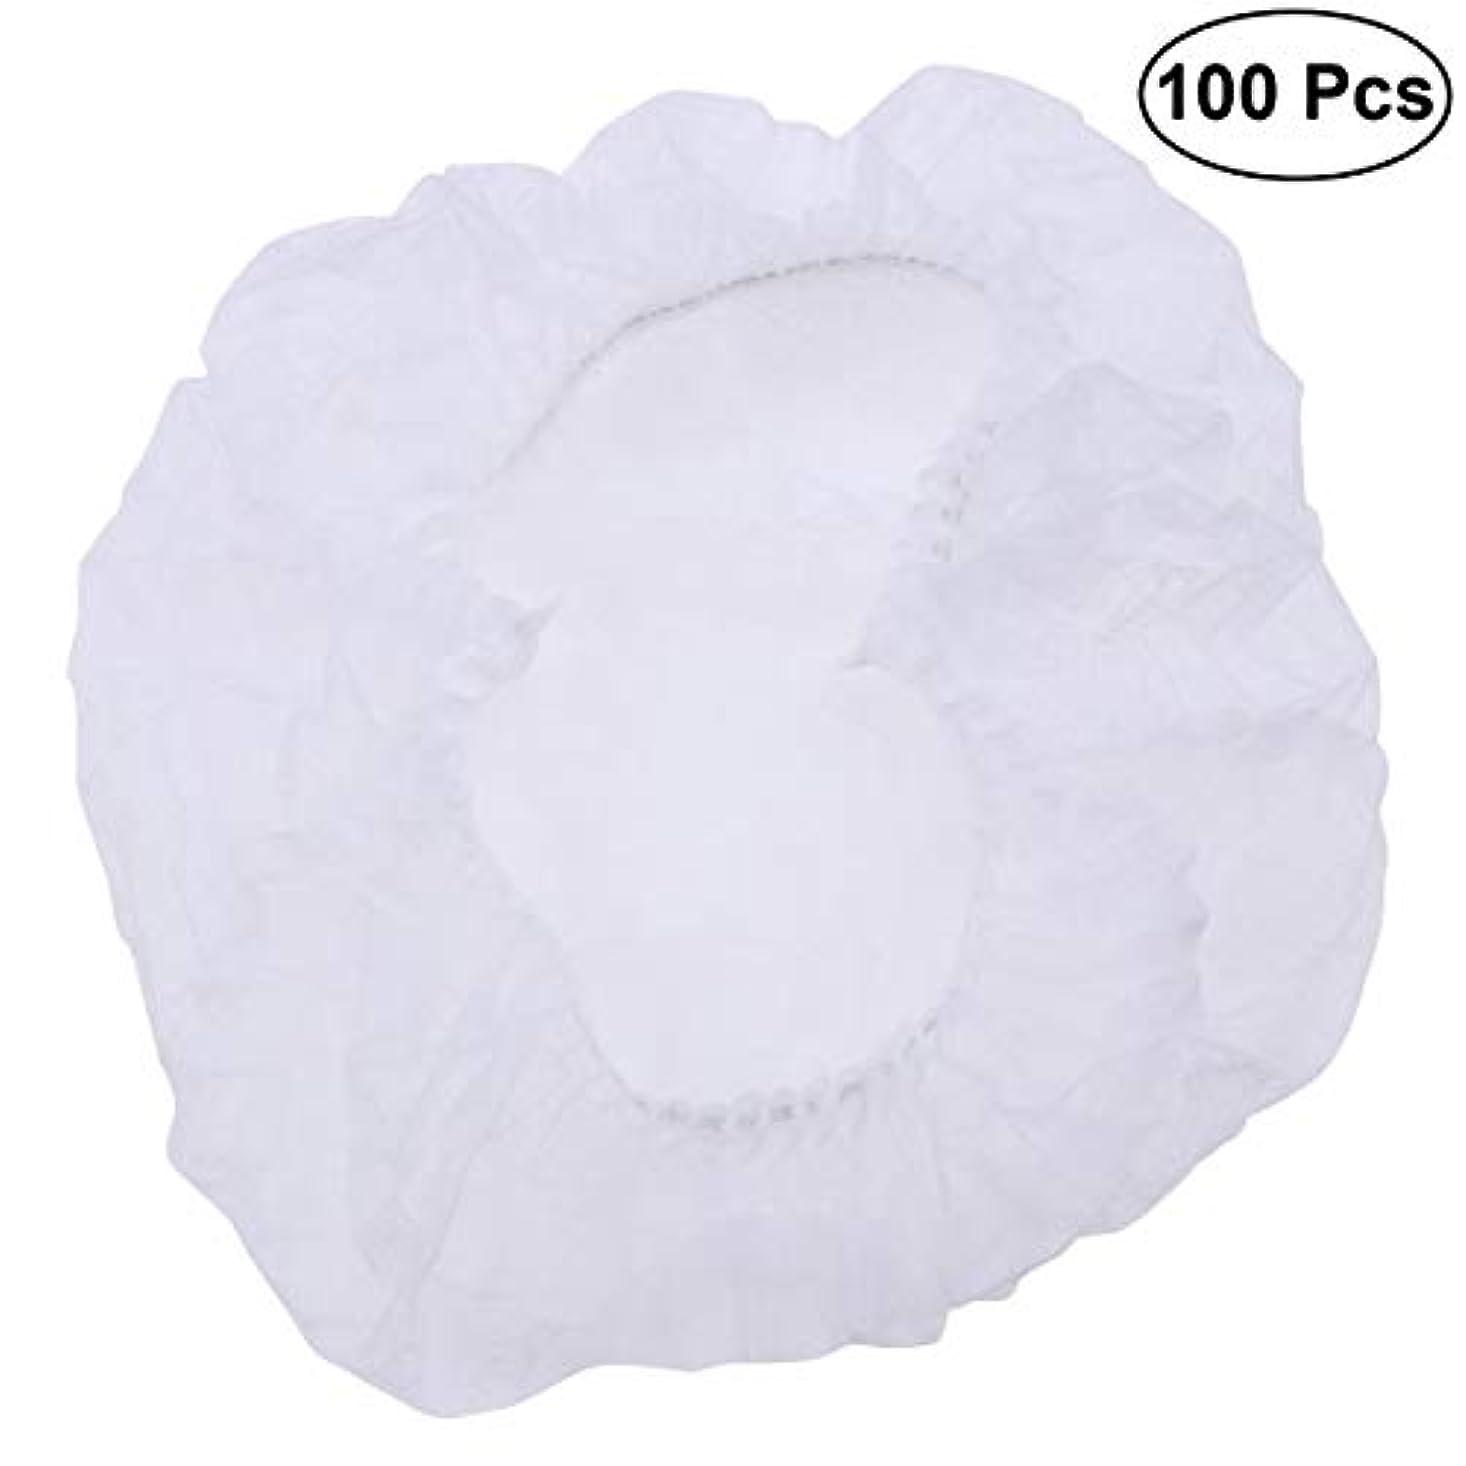 時間カリングアレルギー性SUPVOX ヘアサロンの家のホテル100pcsのための使い捨て可能なシャワーキャップの伸縮性がある毛の帽子